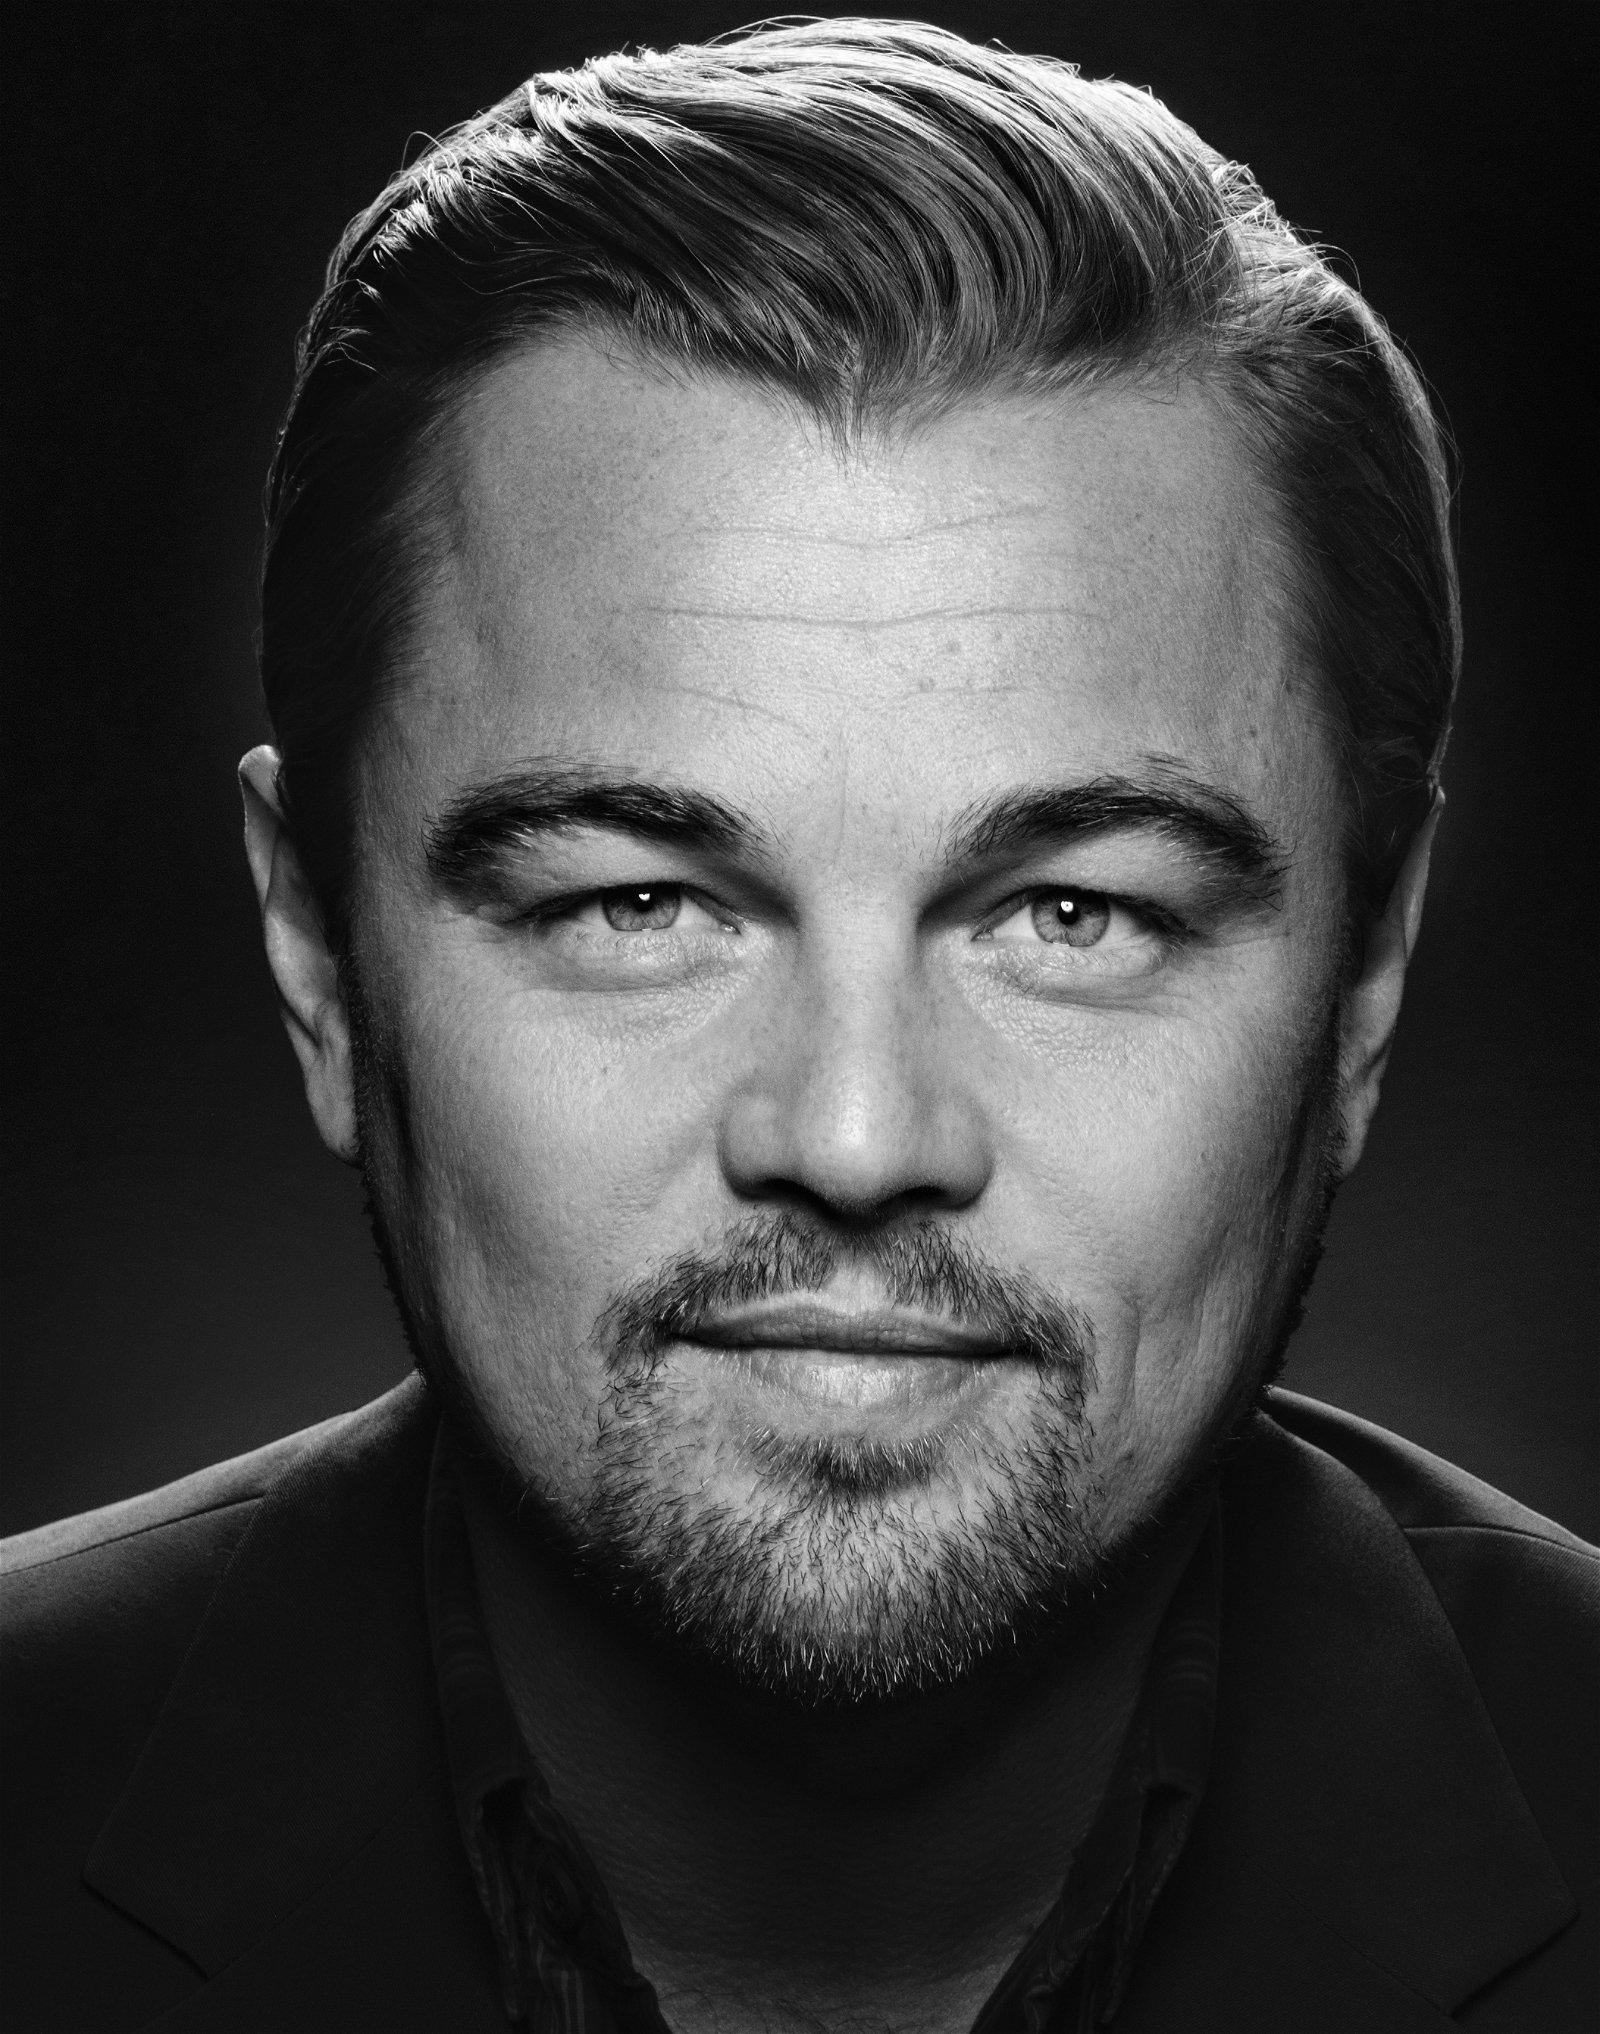 Leonardo DiCaprio by Victoria Will